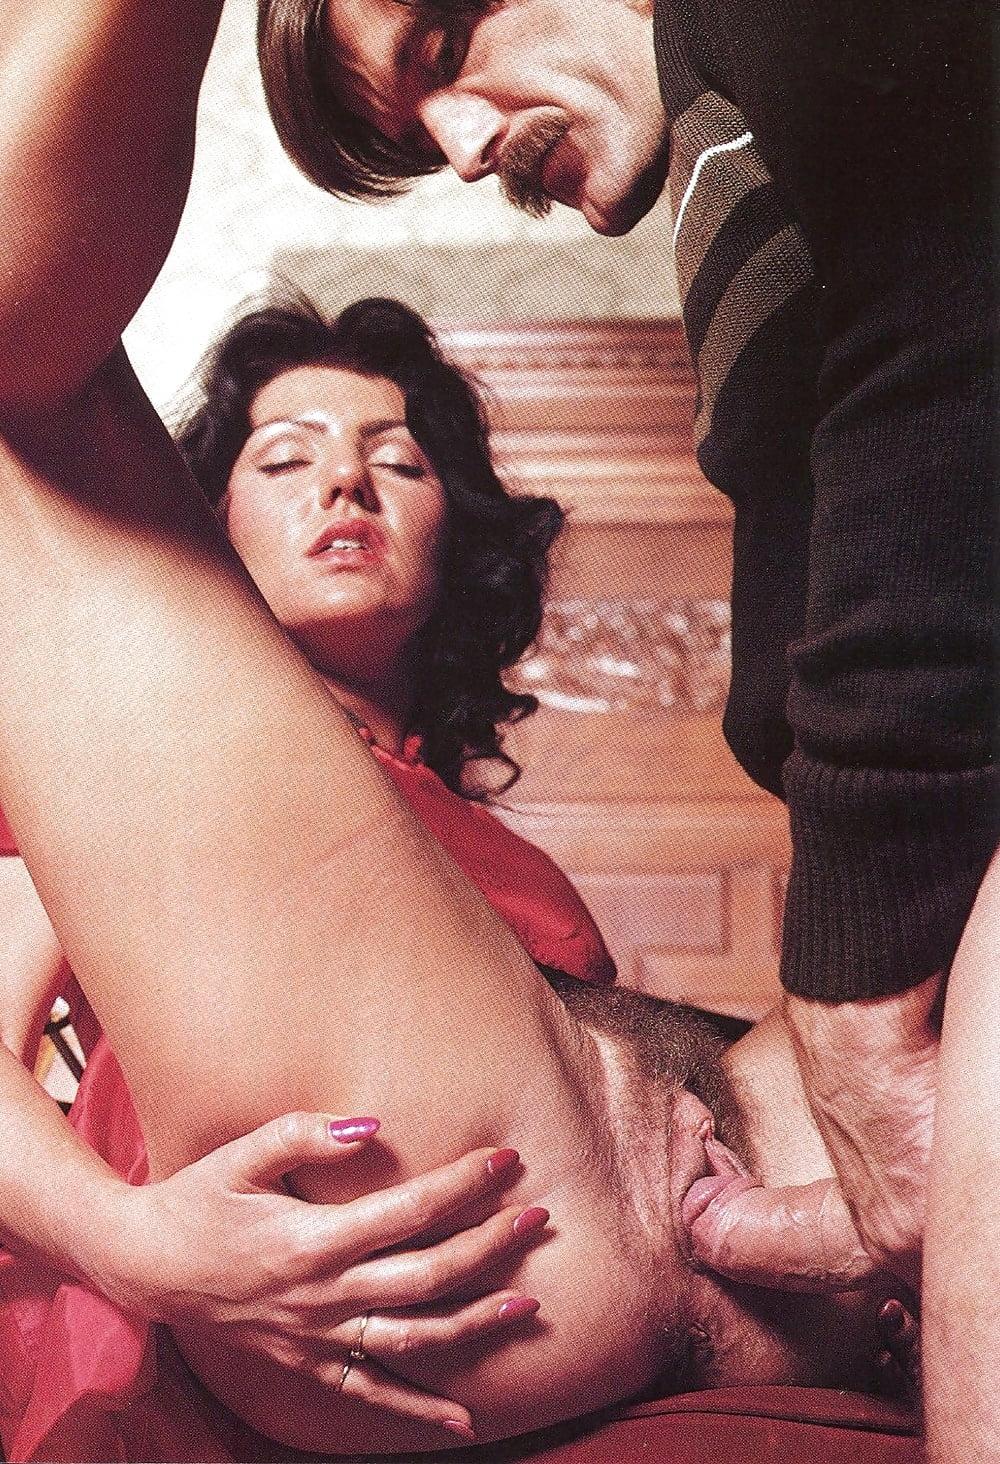 итальянское домашнее порно онлайн - 10